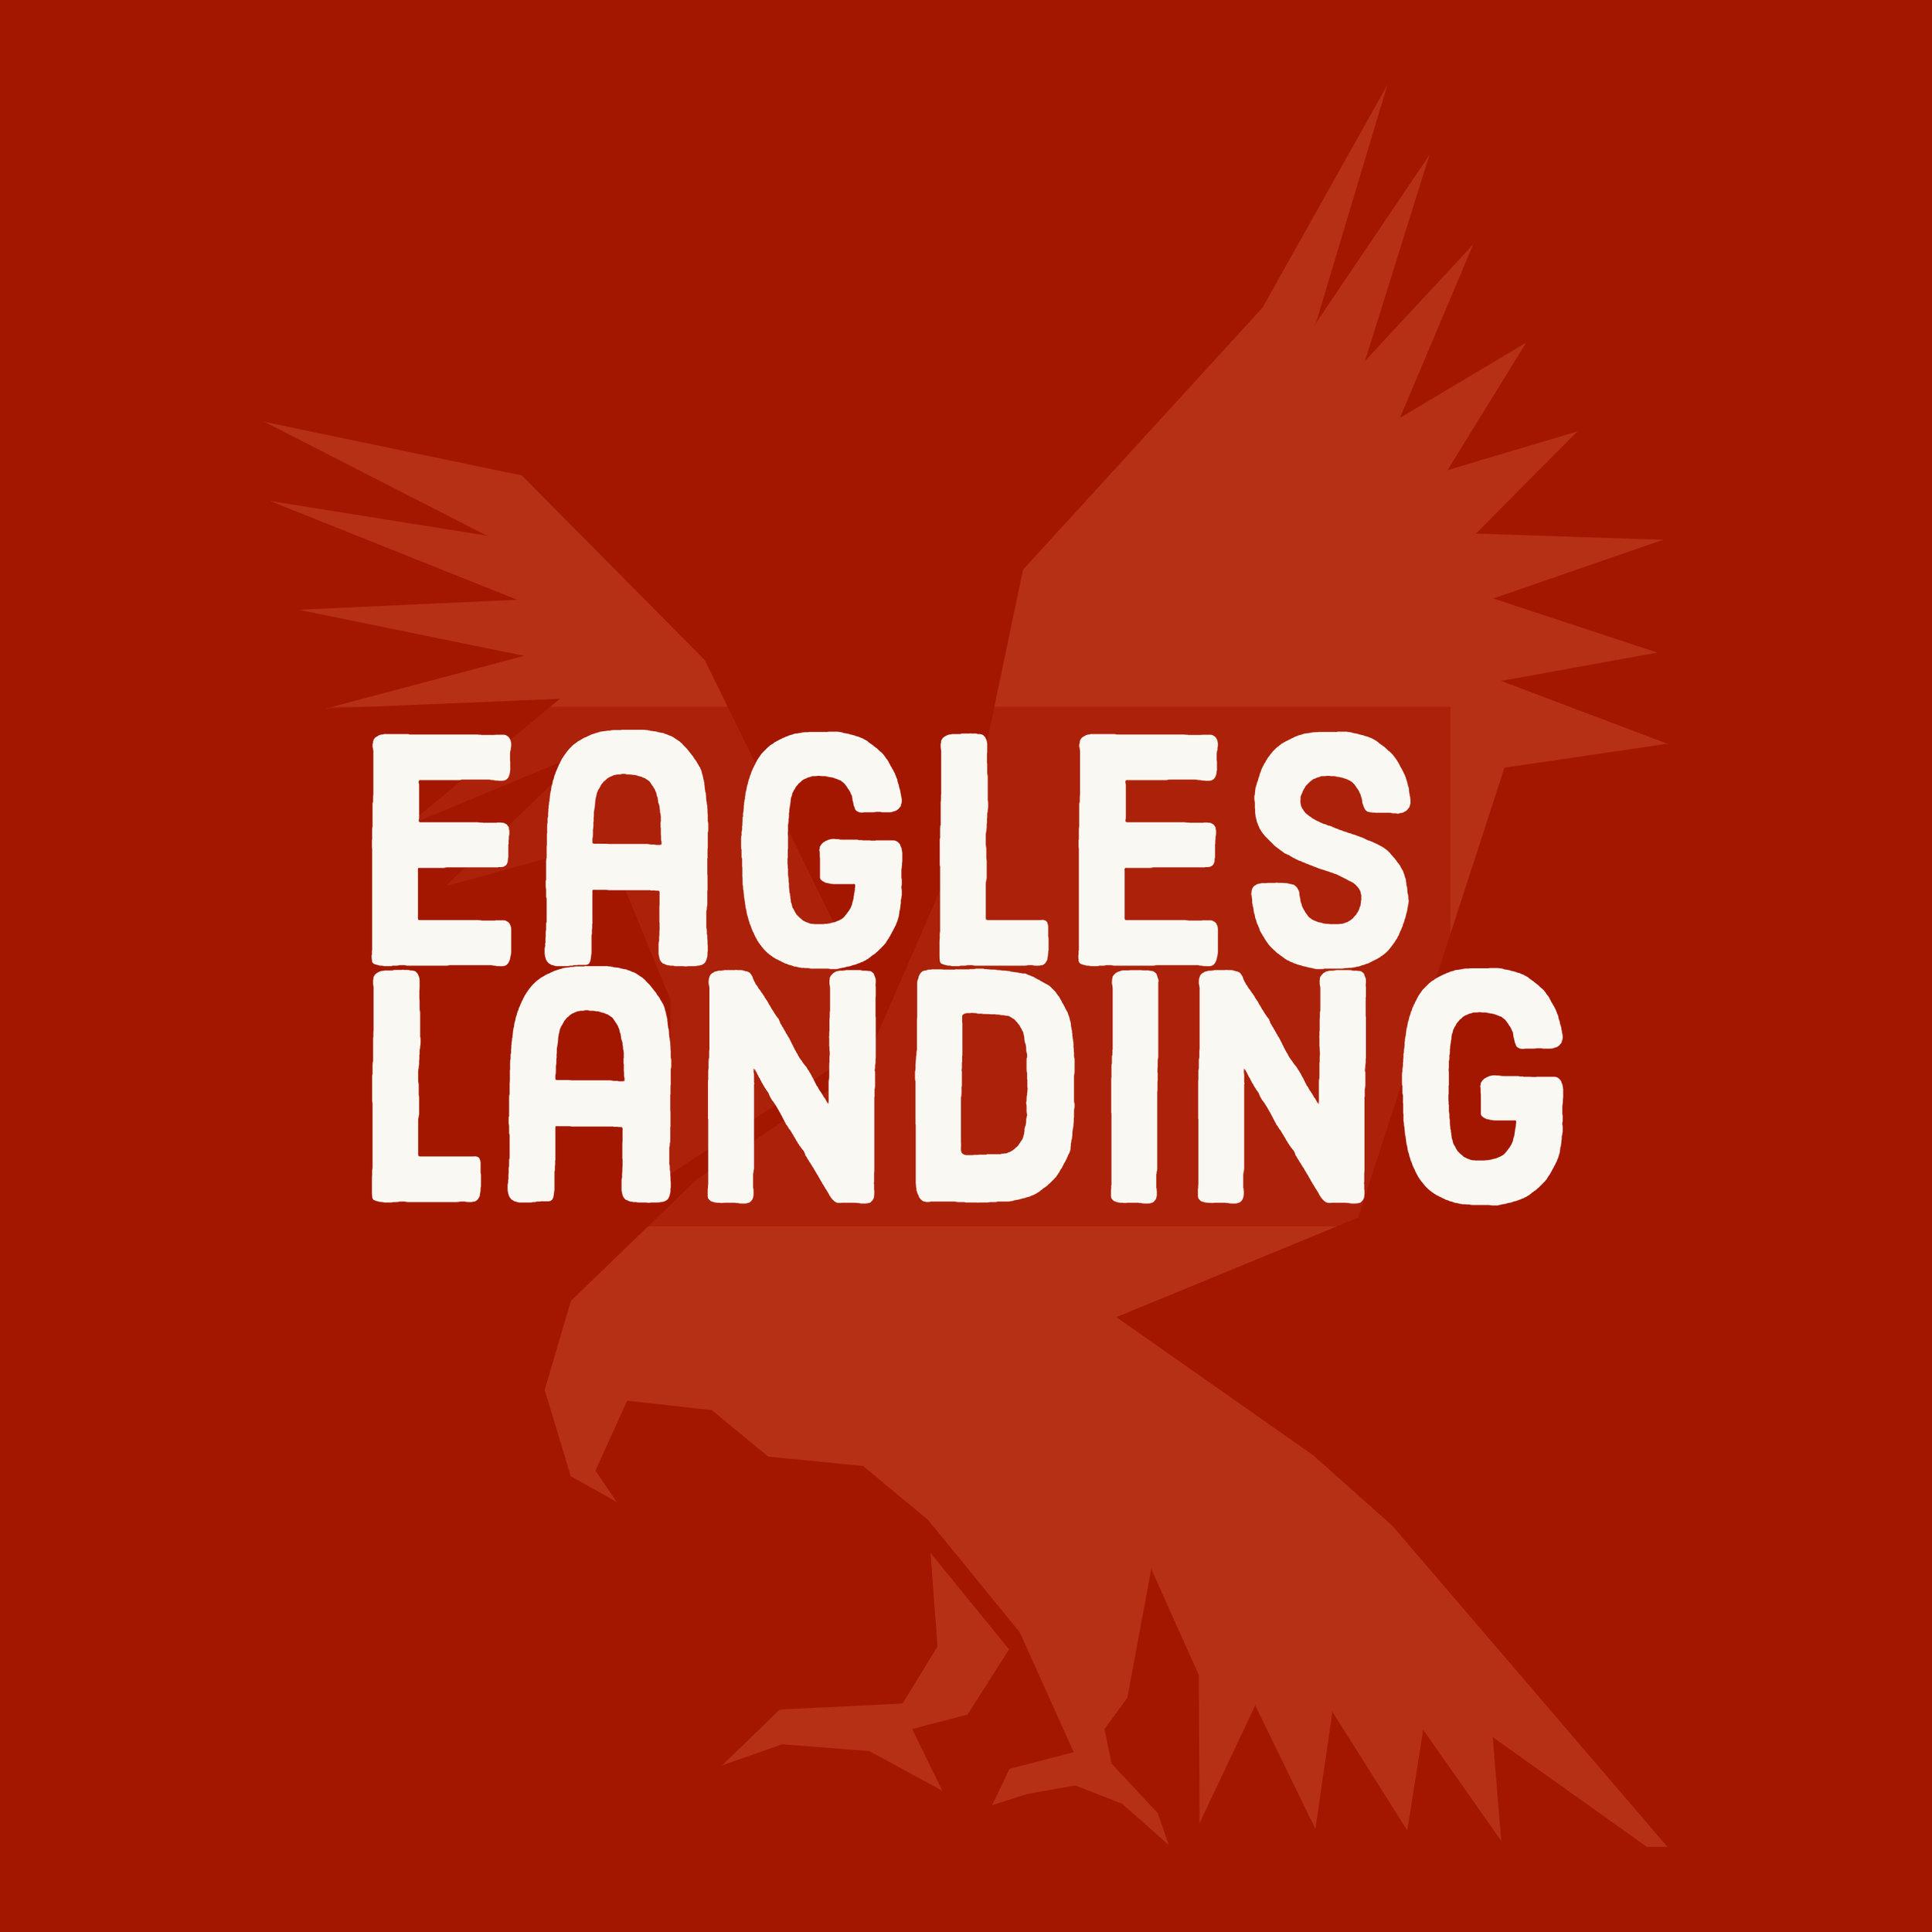 EaglesLanding.jpg